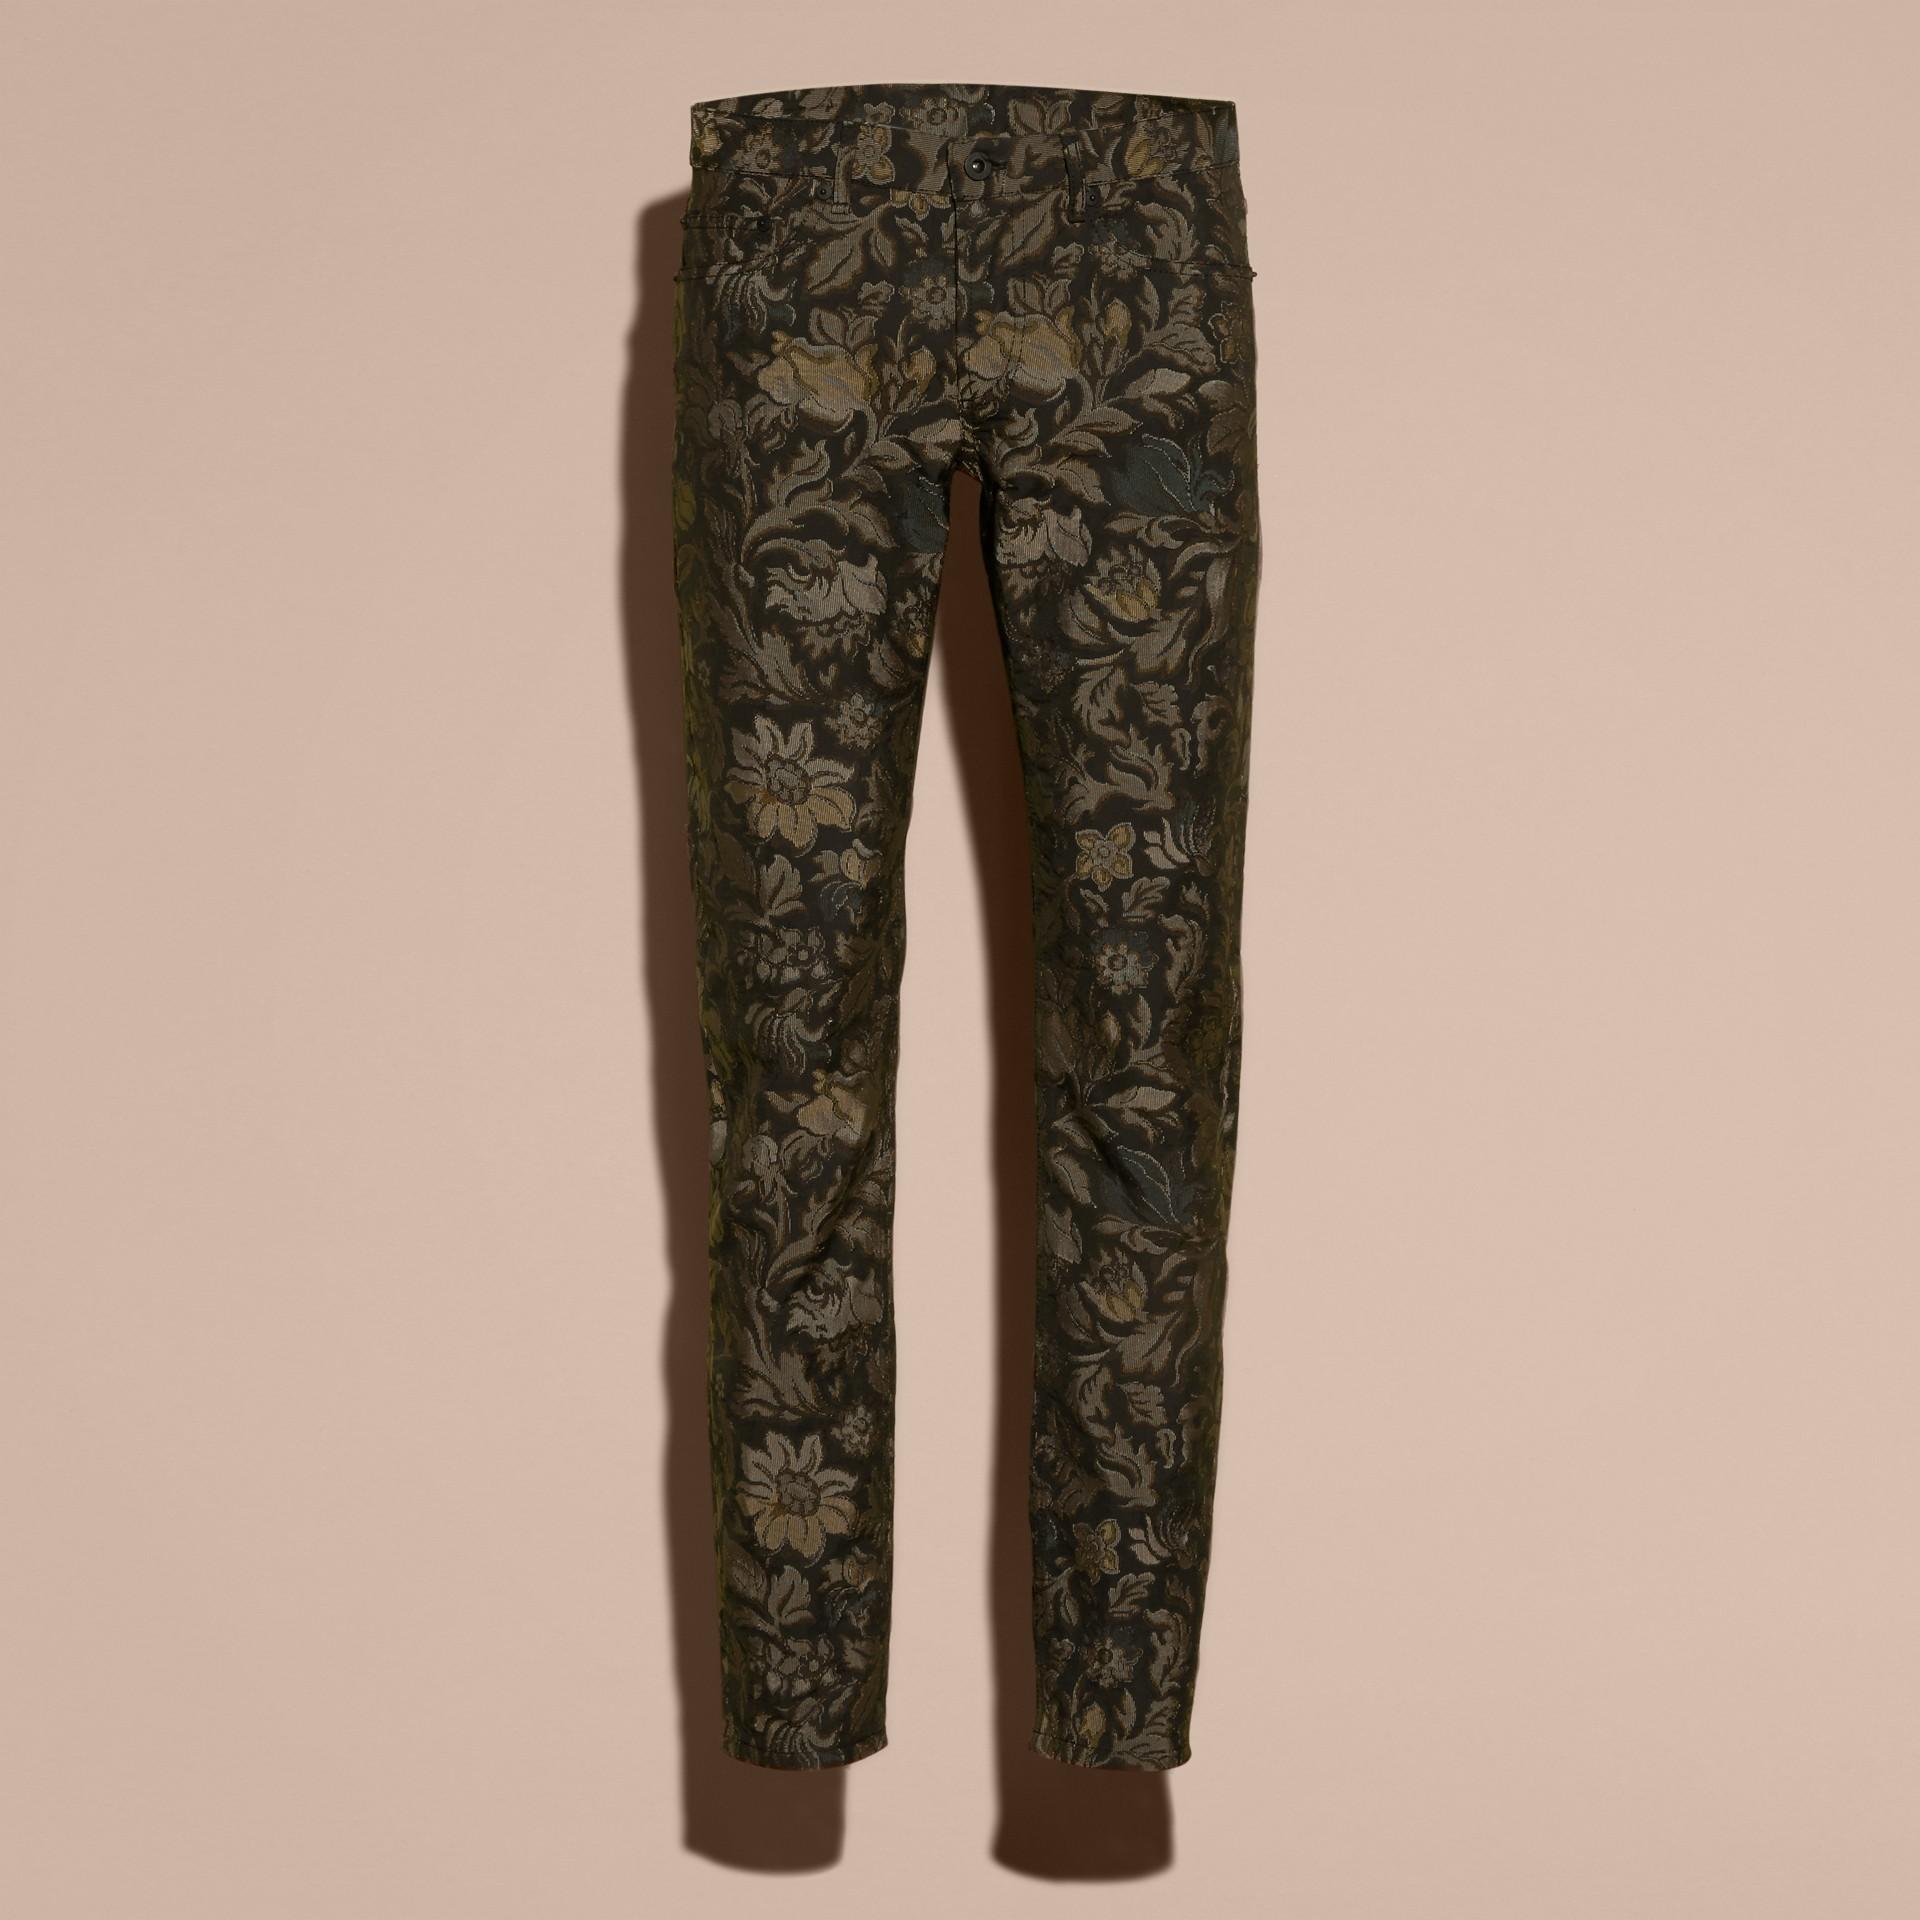 Шалфей Узкие джинсы с цветочным узором Шалфей - изображение 4